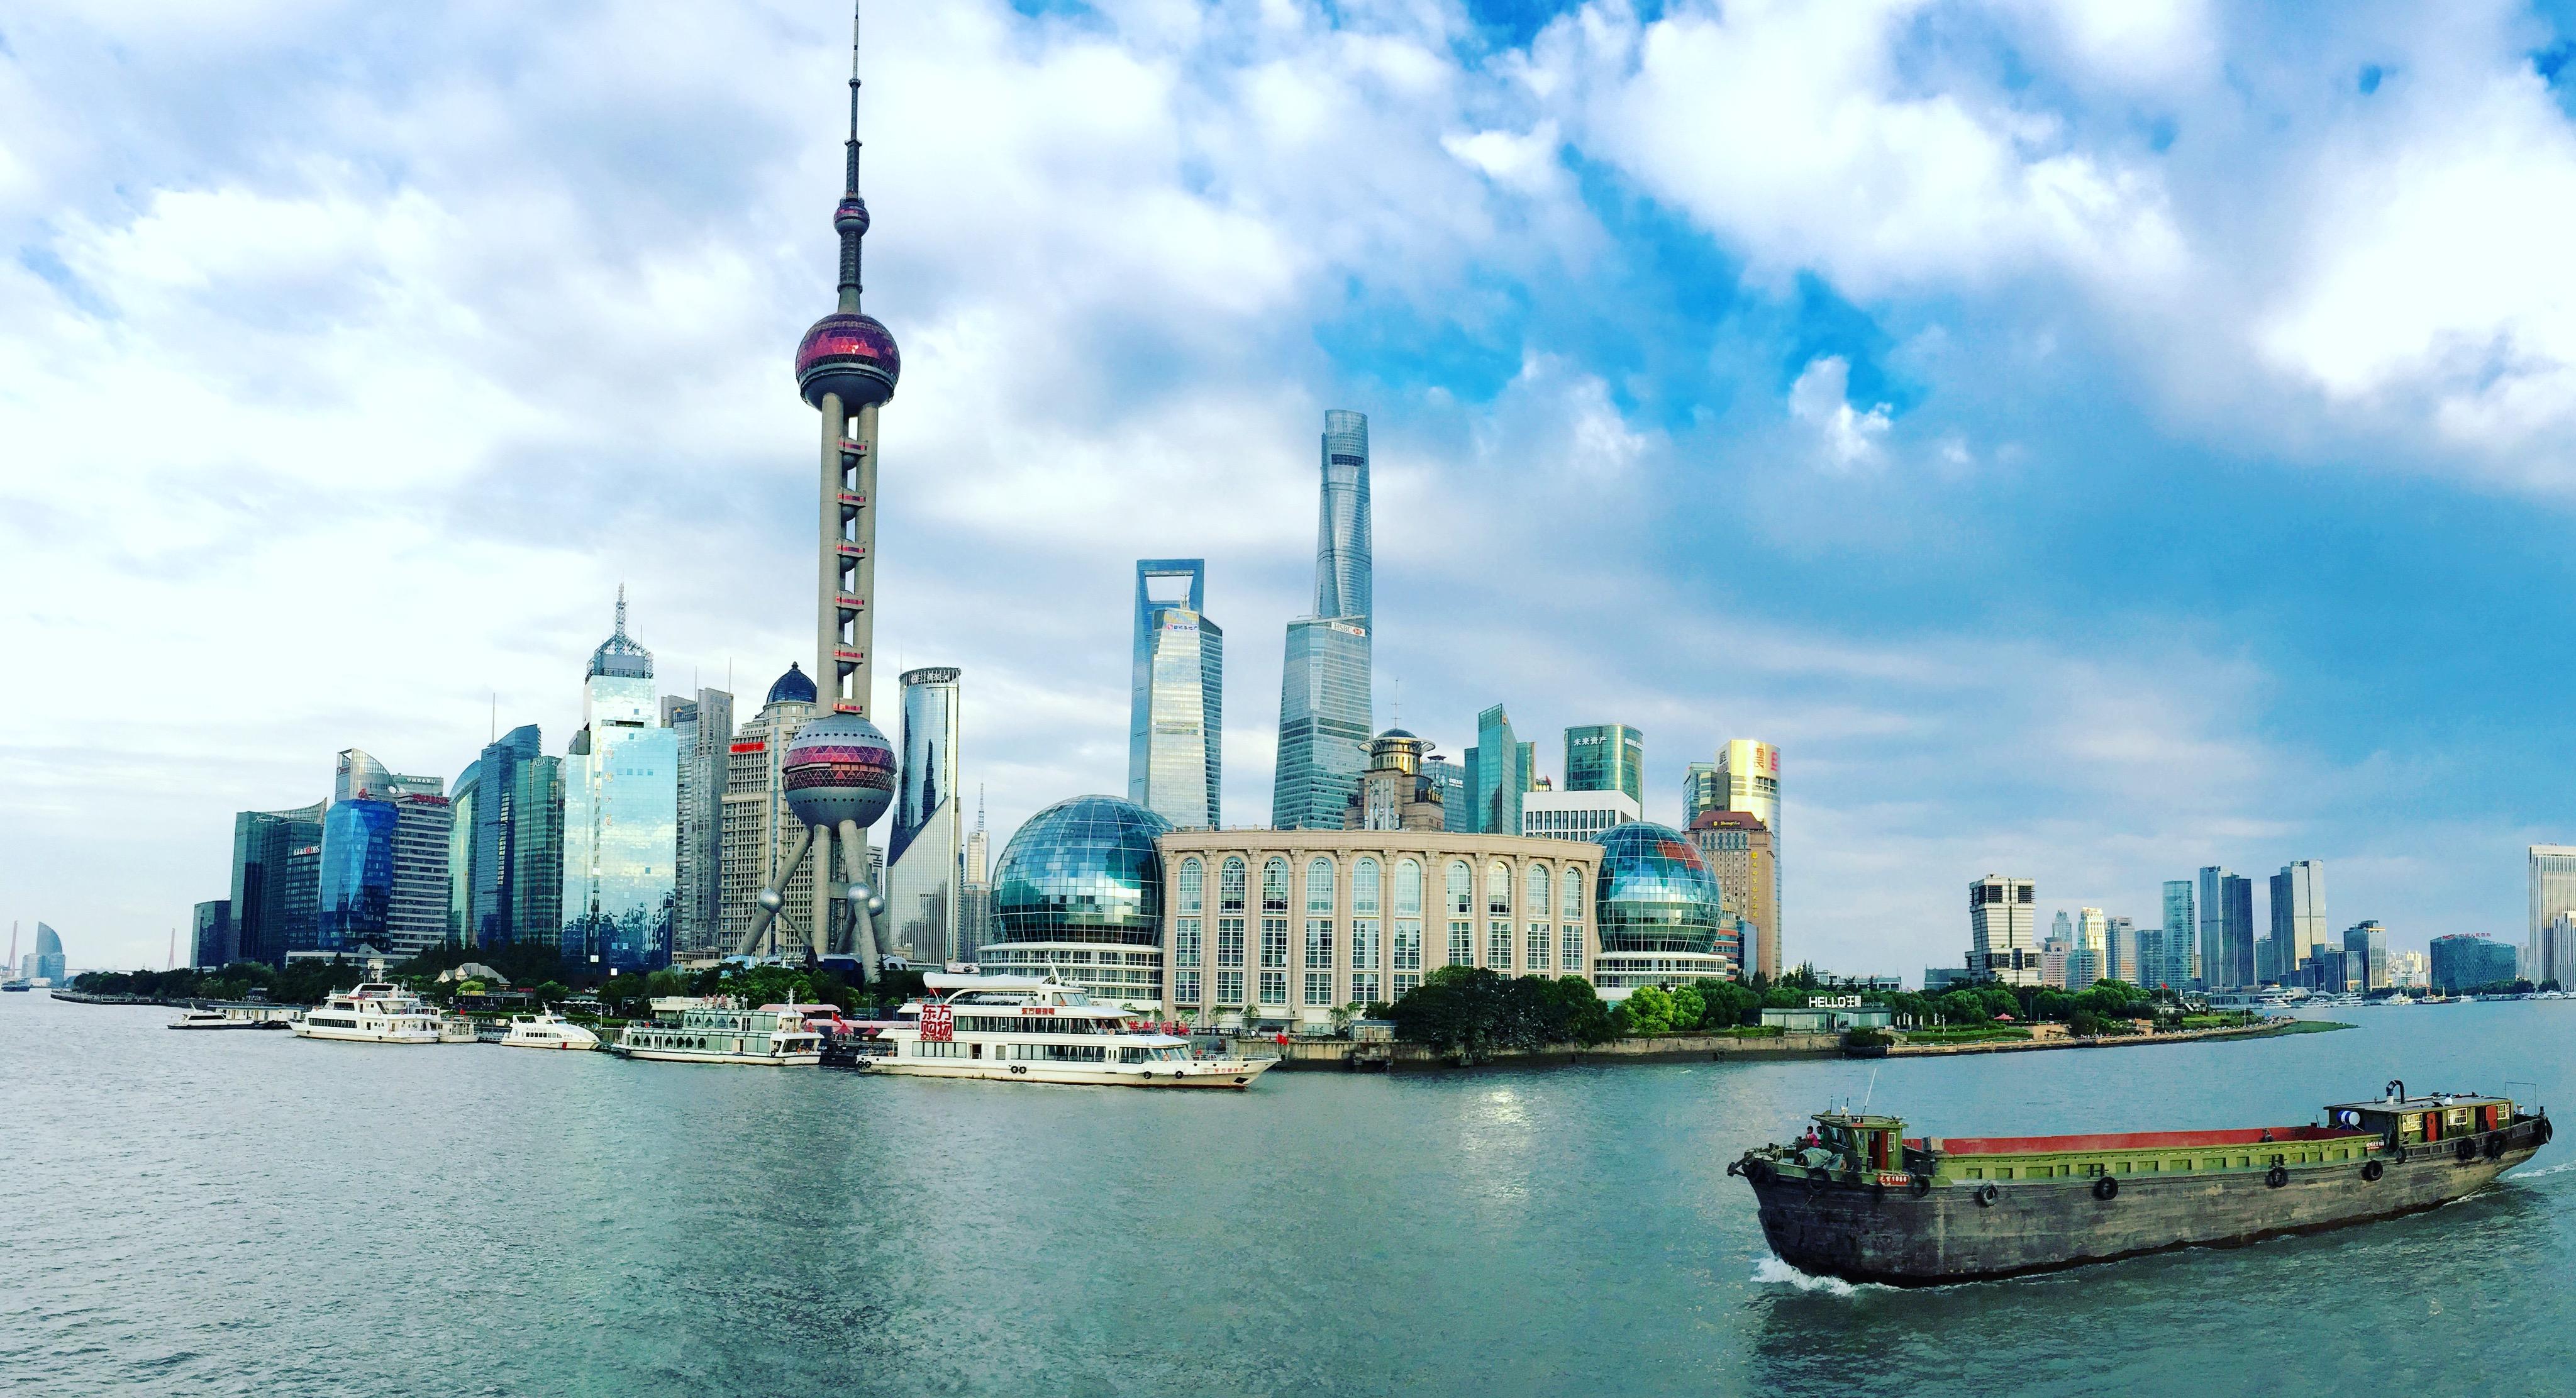 【携程攻略】上海东方明珠景点,搭游轮游黄浦江是最能